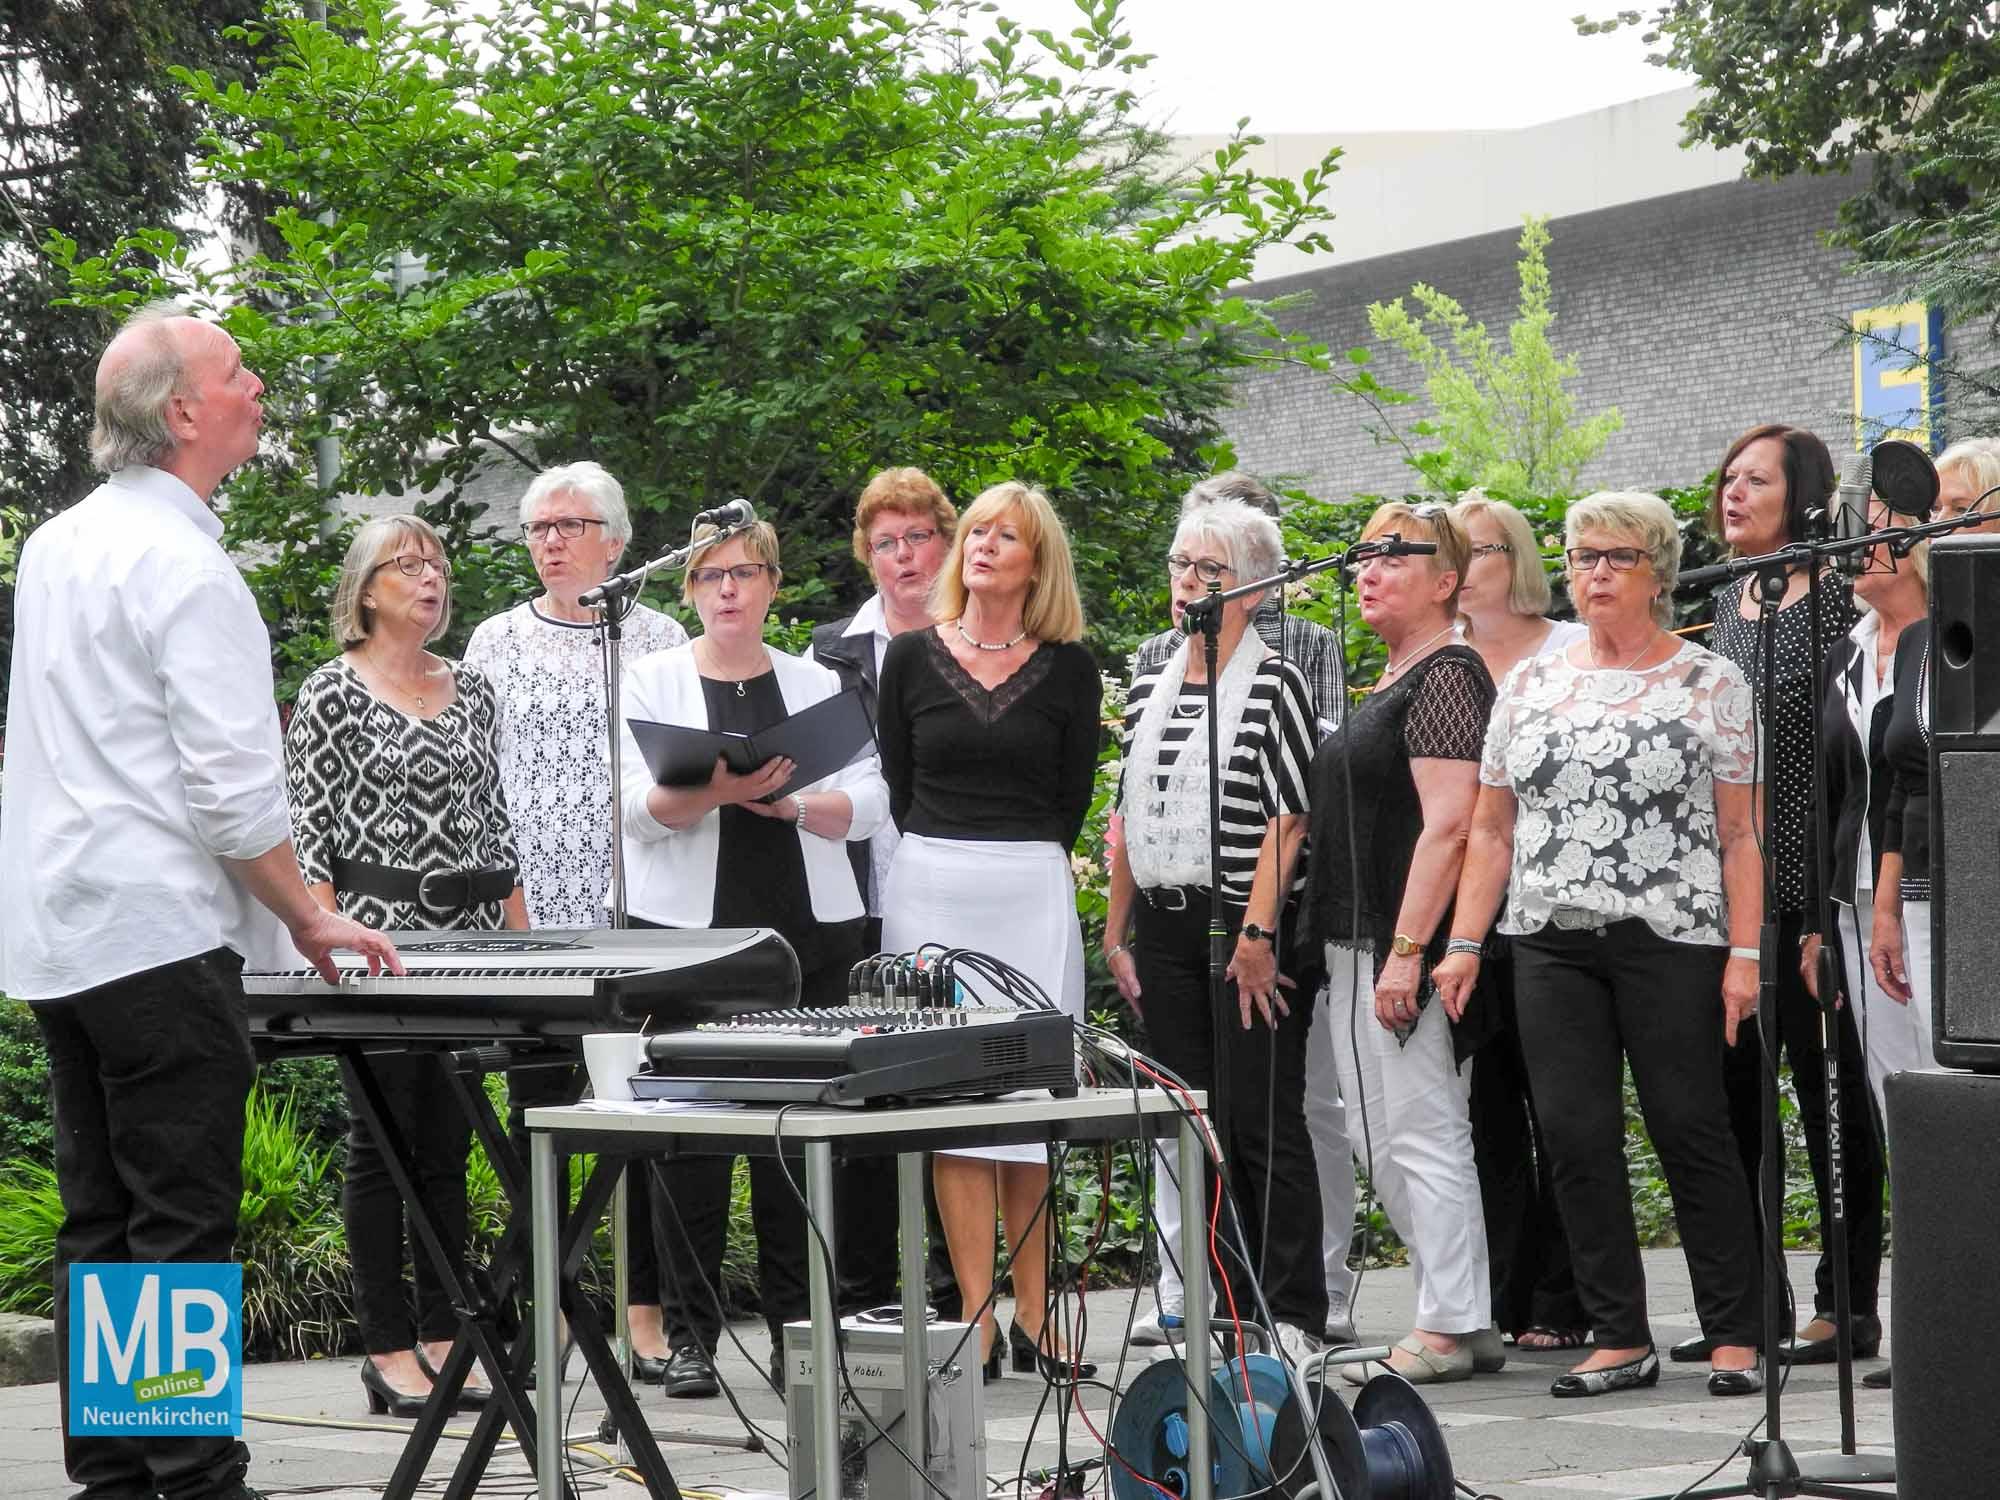 Open-Air-Chorfestival am Sonntag